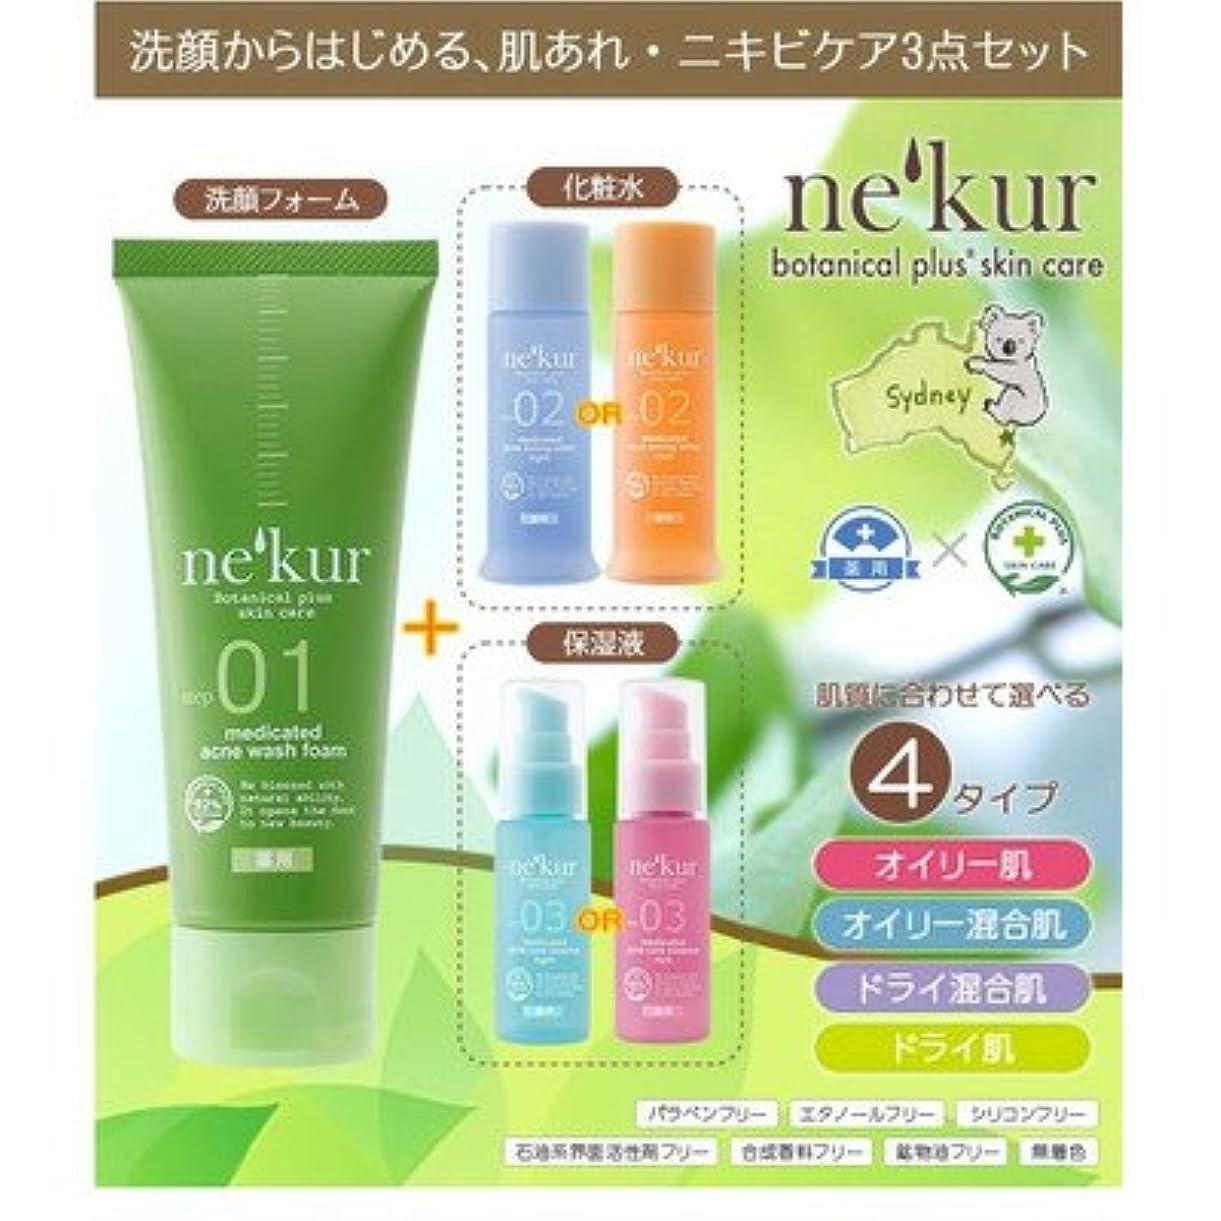 一緒ダムけん引ネクア(nekur) ボタニカルプラススキンケア 薬用アクネ洗顔3点セット オイリー混合肌セット( 画像はイメージ画像です お届けの商品はオイリー混合肌セットのみとなります)